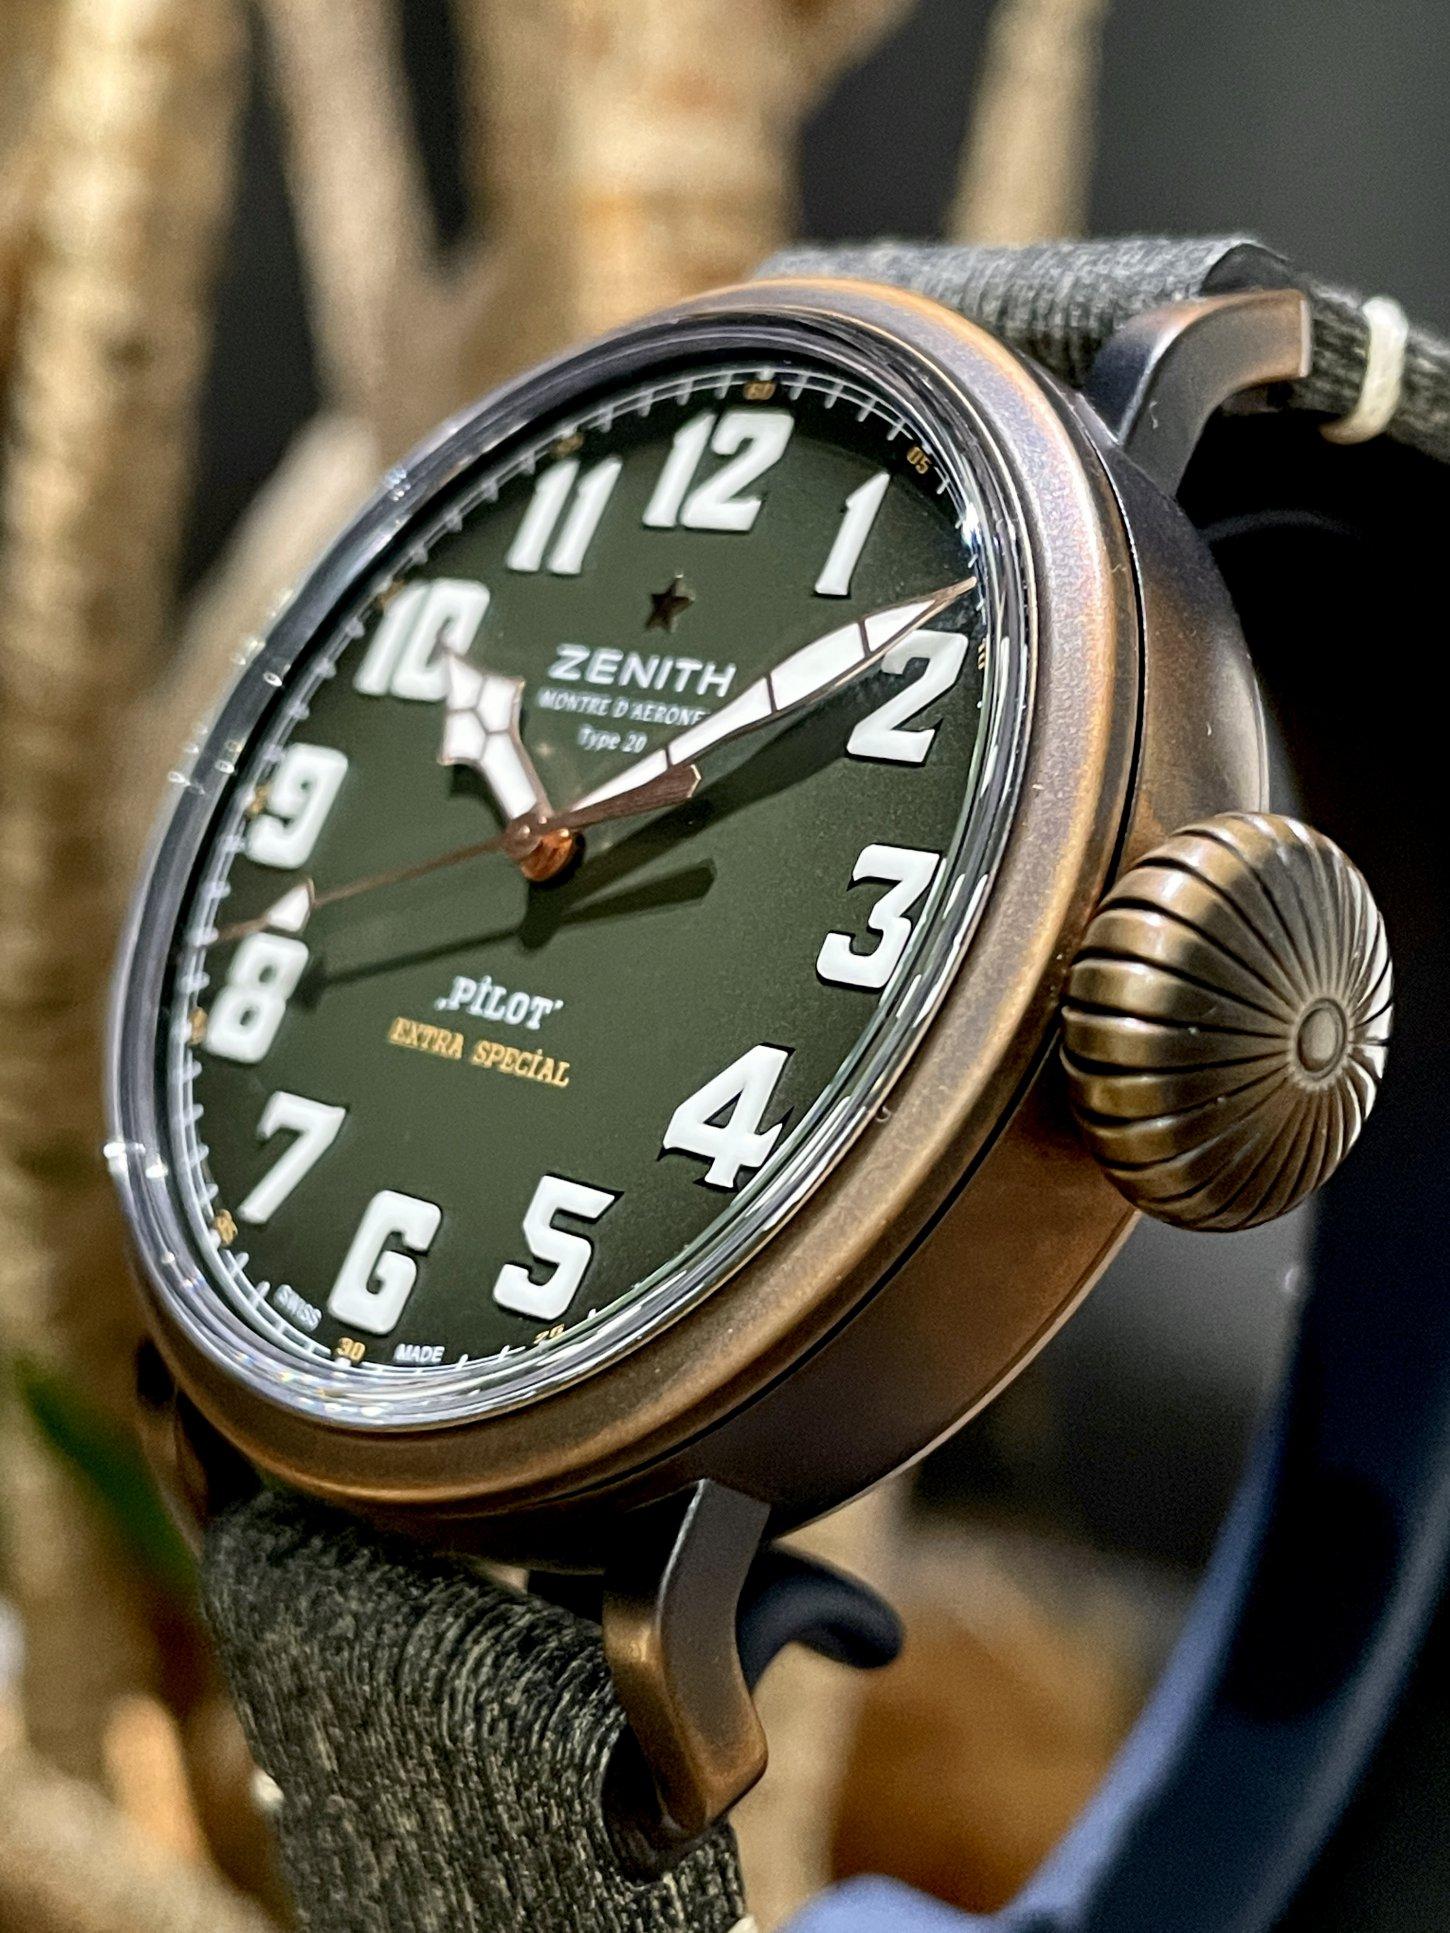 ブロンズ時計ならではのエイジングが楽しめる!!『パイロット タイプ20 アドベンチャー』 - PILOT |IMG_6636